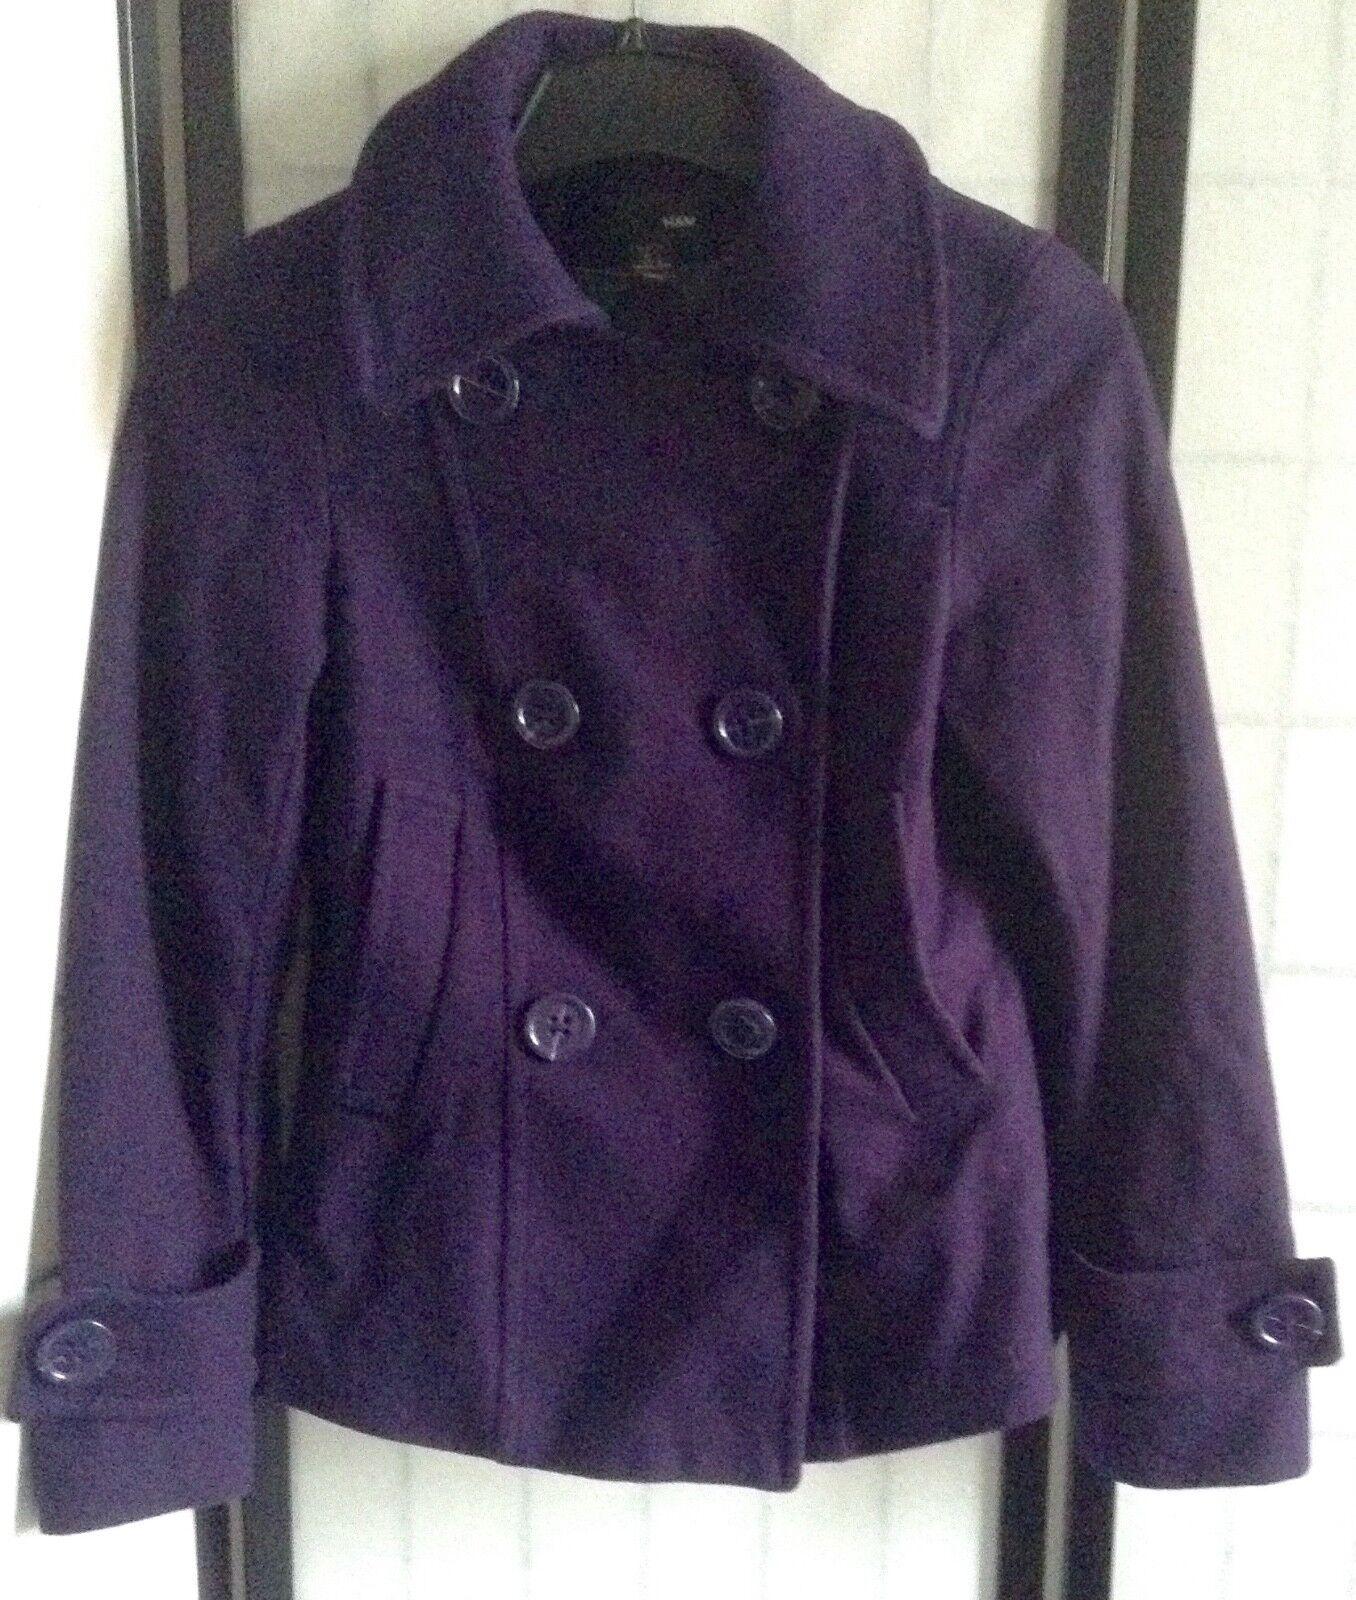 H&M Women's 6 Purple Double Breasted Wool Swing Pea Coat